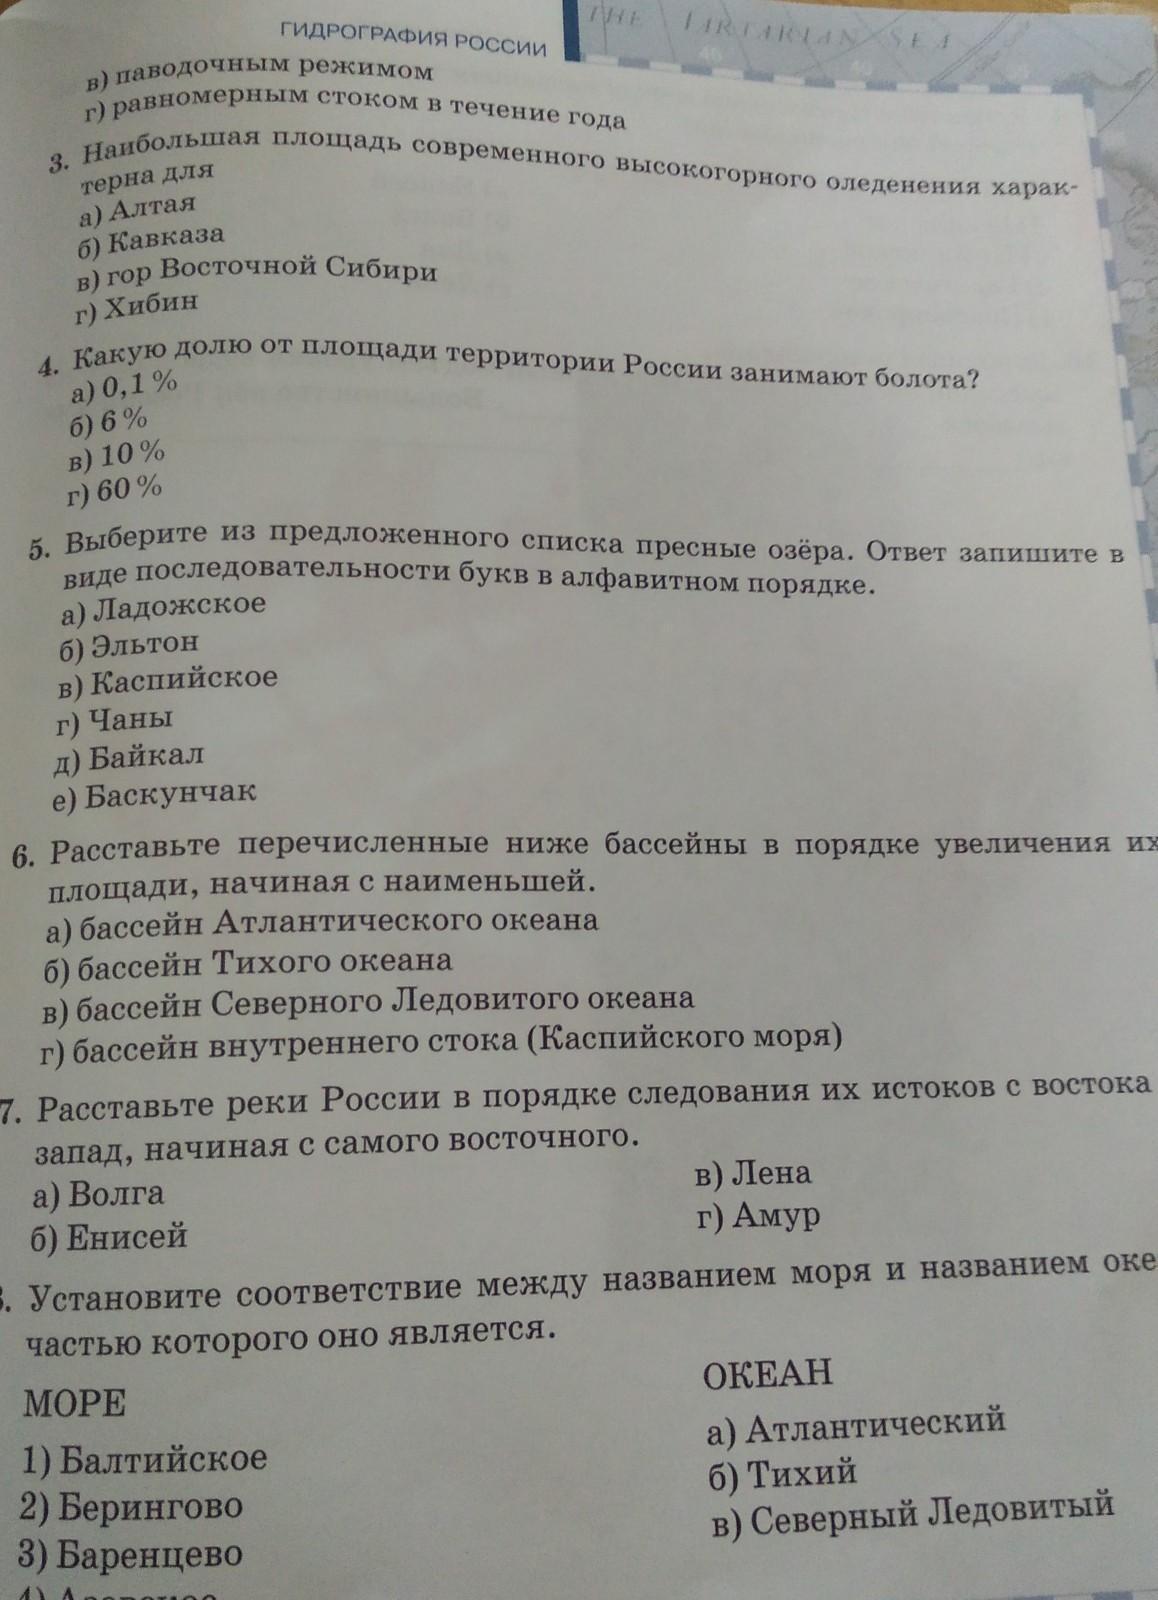 10 территории россии занимают